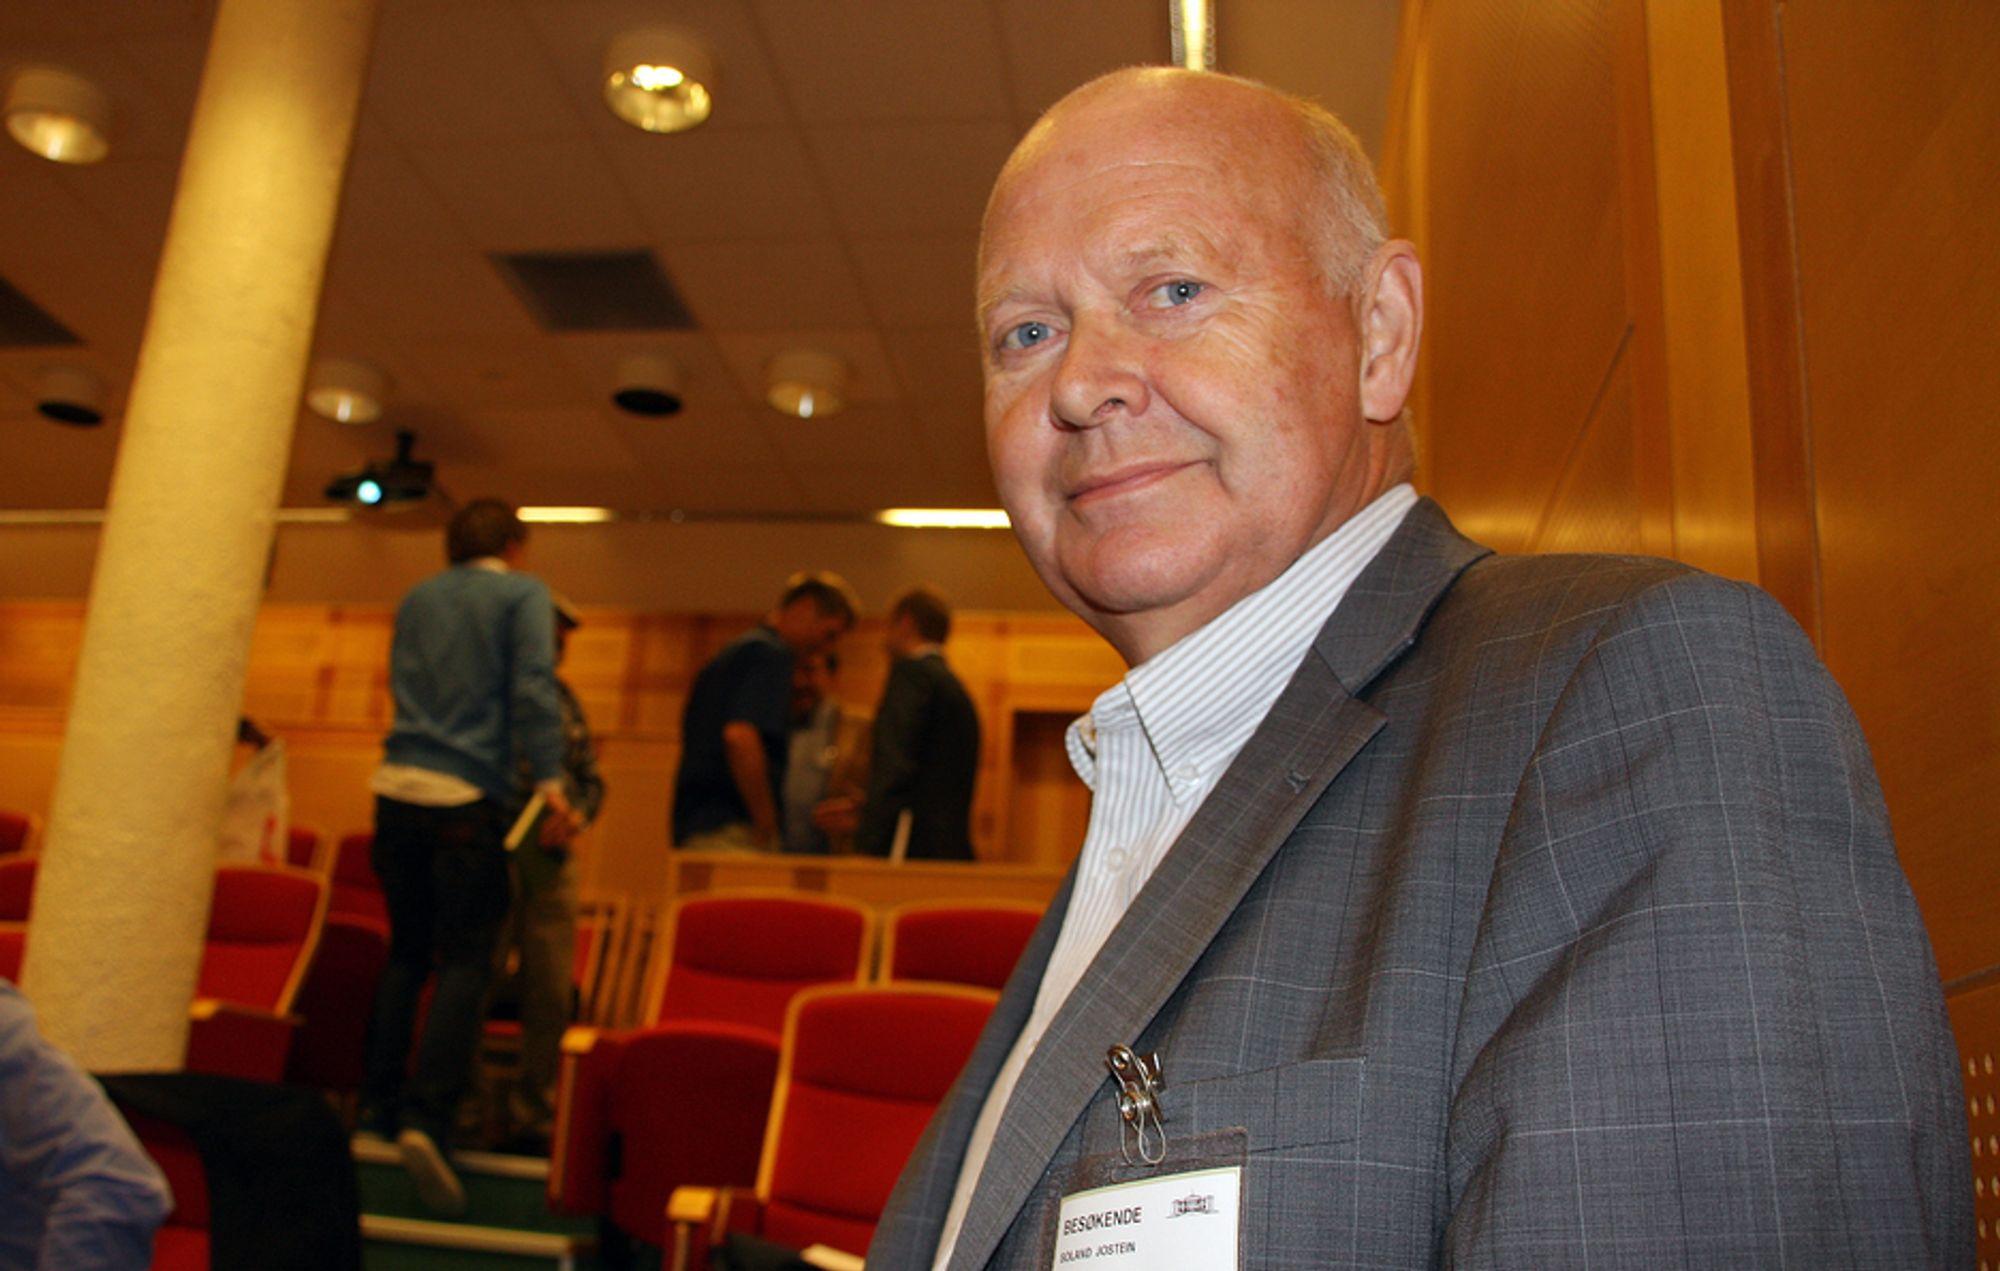 ØNSKER ØKT SATSING: - Jernbanen har vært innovativ i samfunnsutviklingen før, og det kan den bli på nytt, sier Jostein Soland.